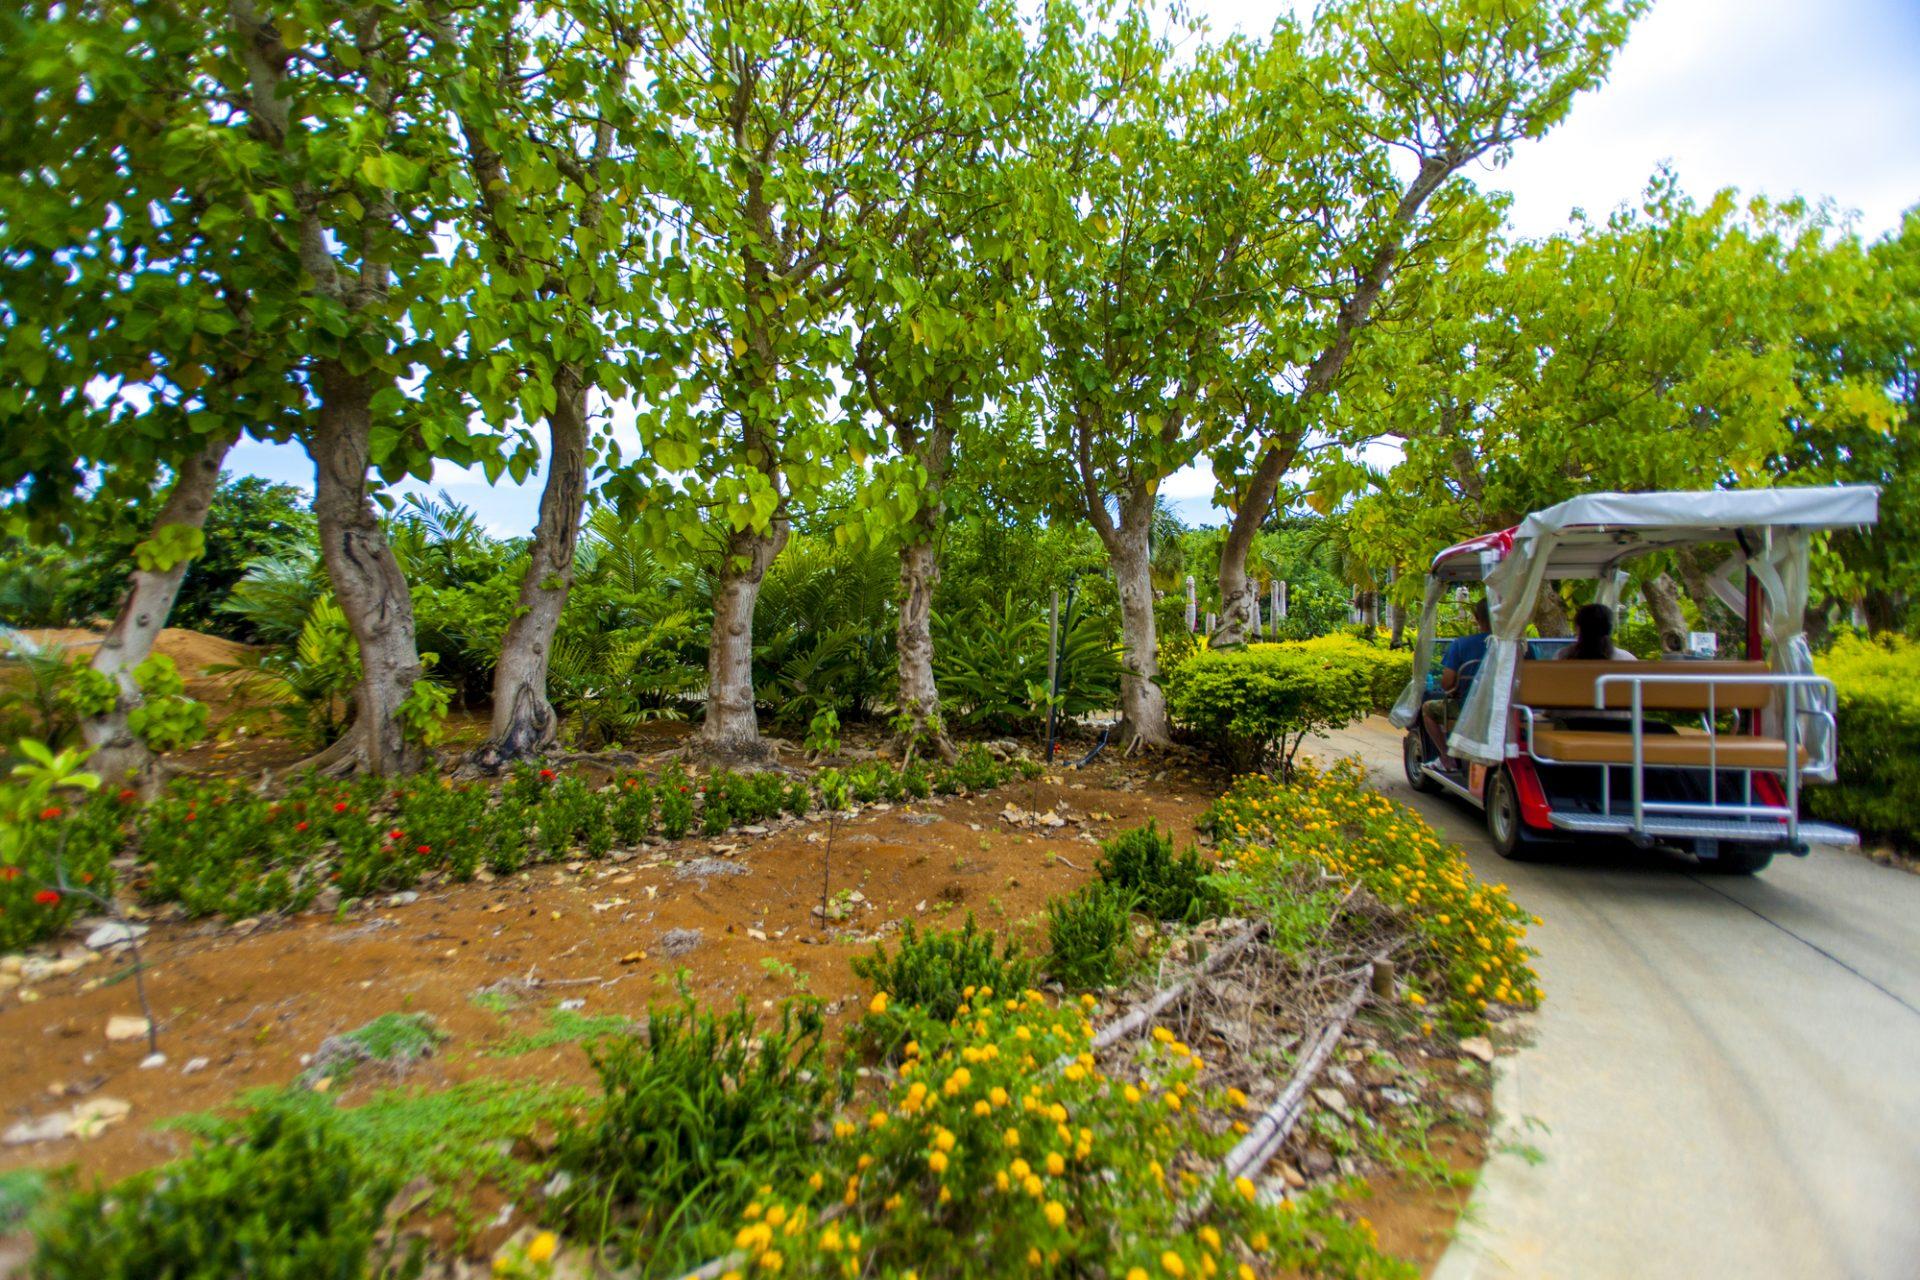 宮古島熱帯果樹園 まいぱり 宮古島 観光 スポット おすすめ 沖縄 旅行